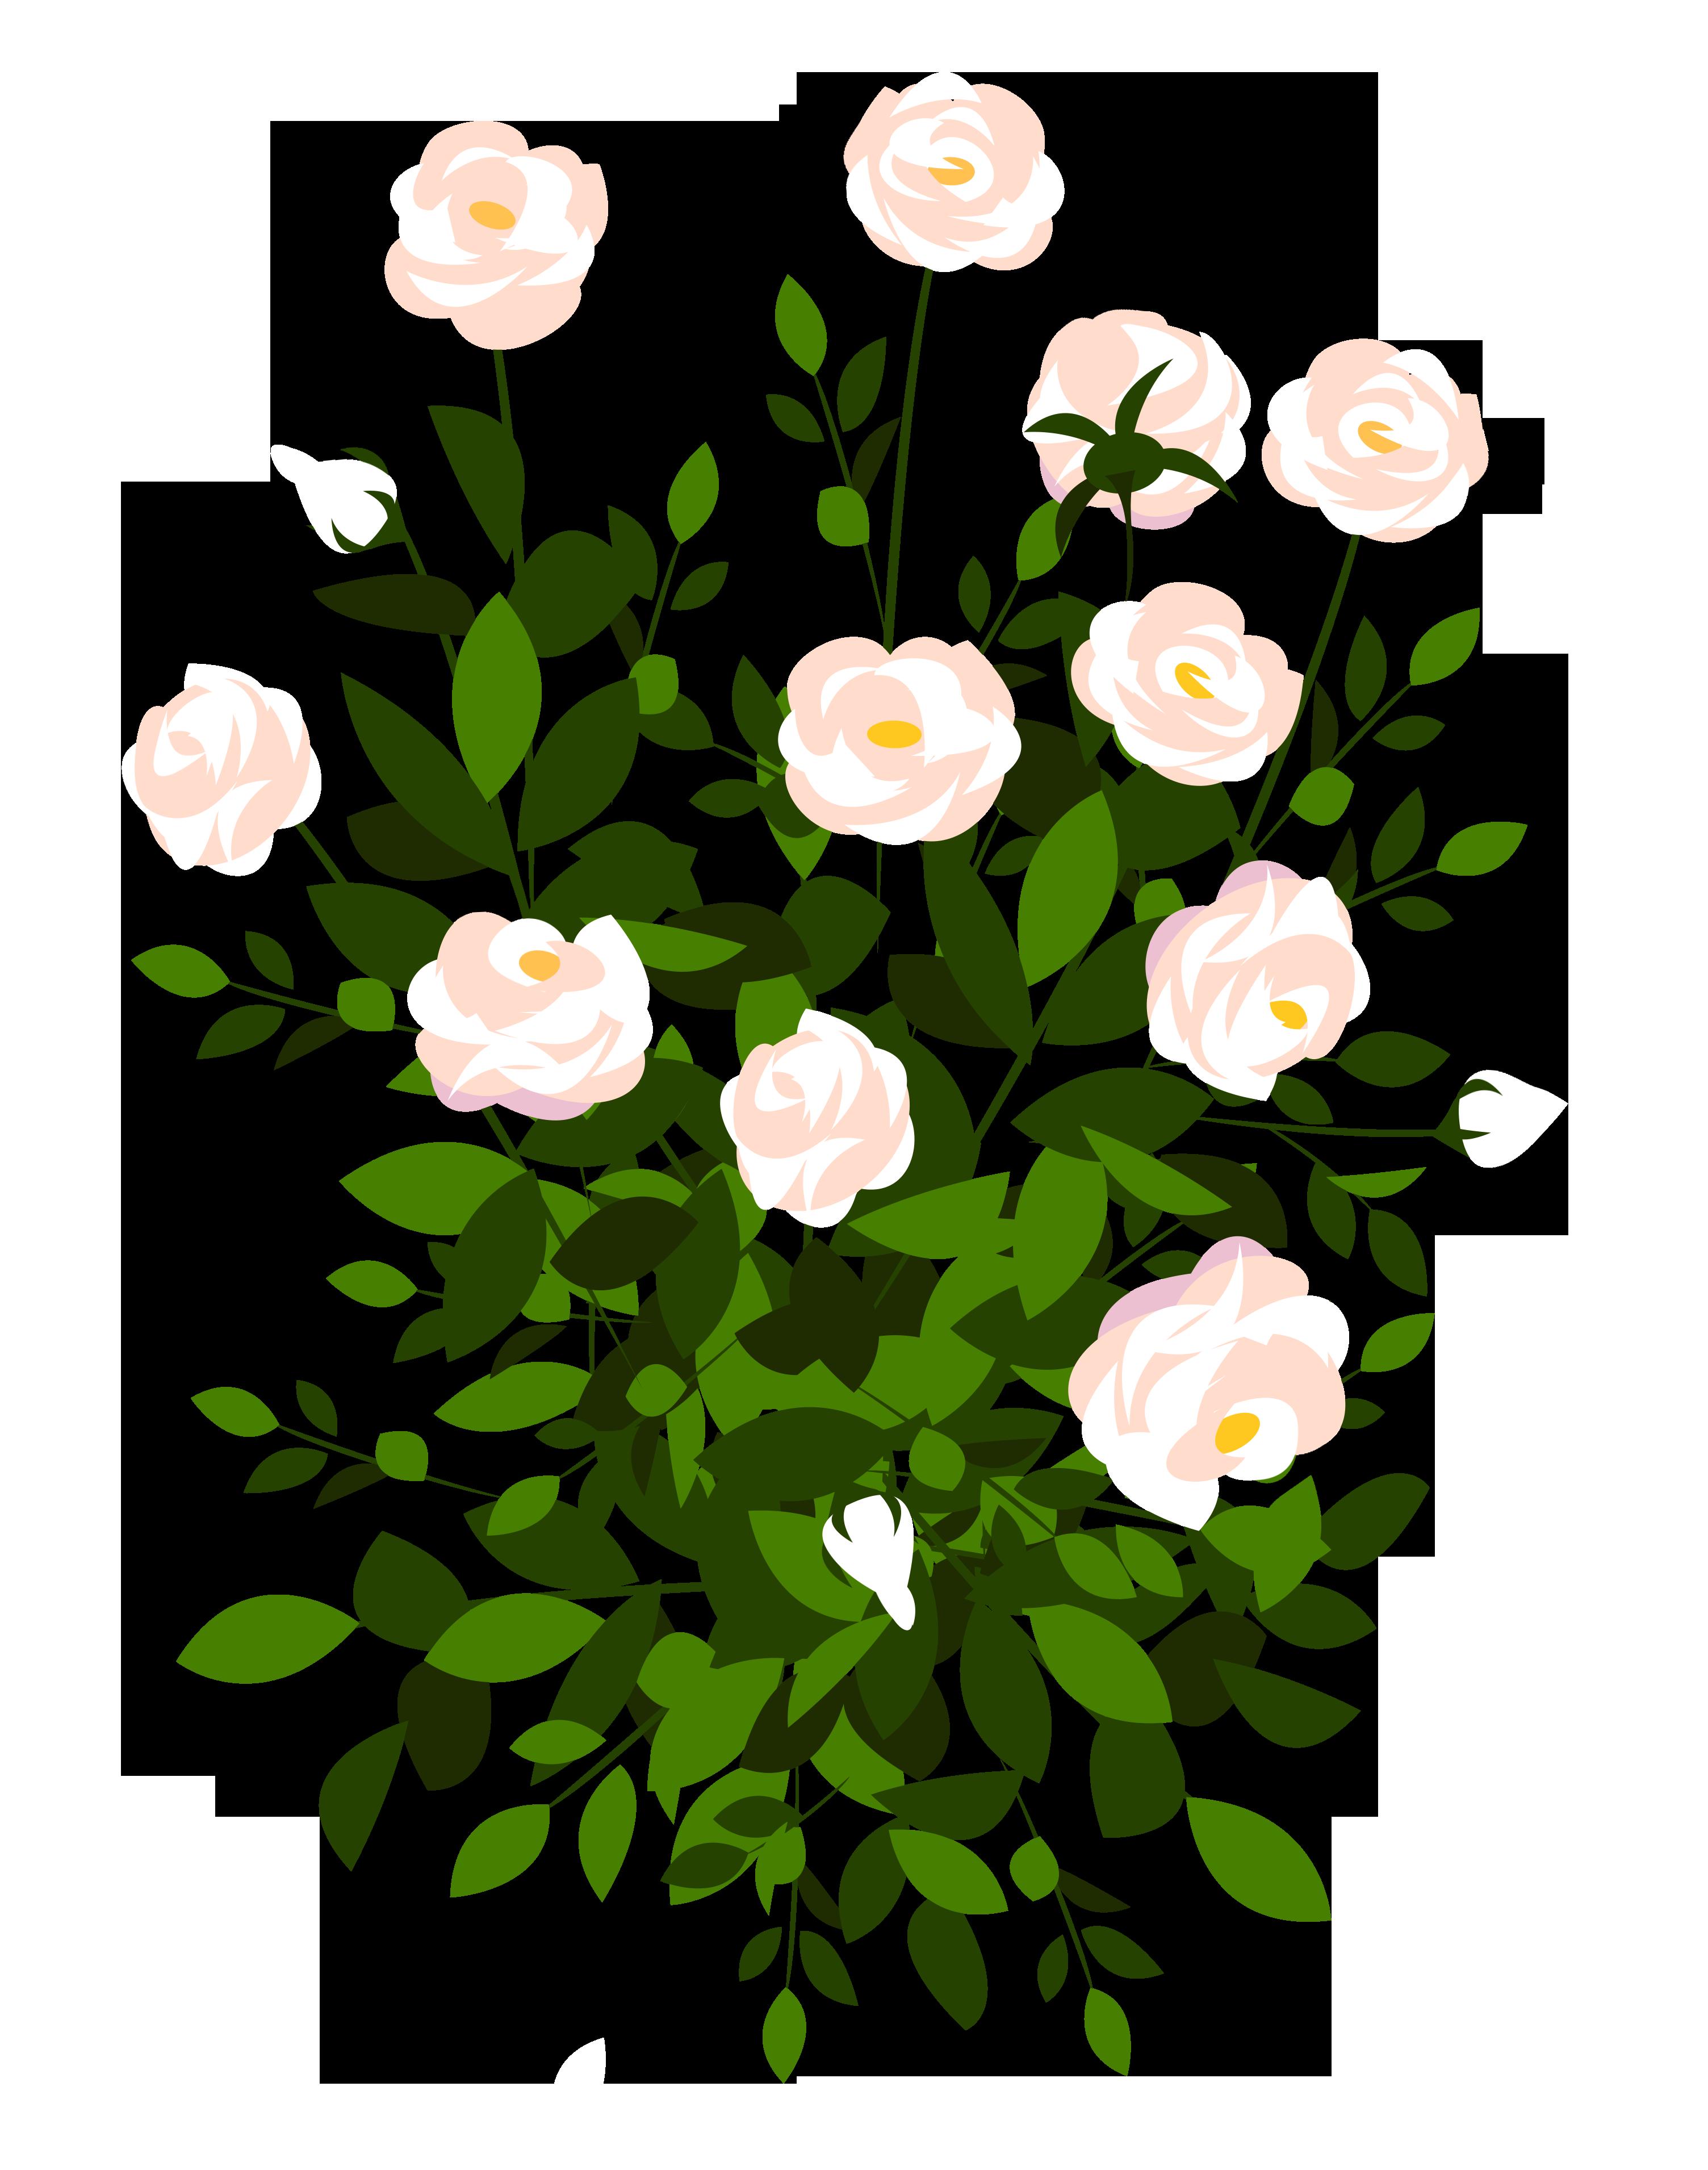 Rose Bush clipart #9, Download drawings